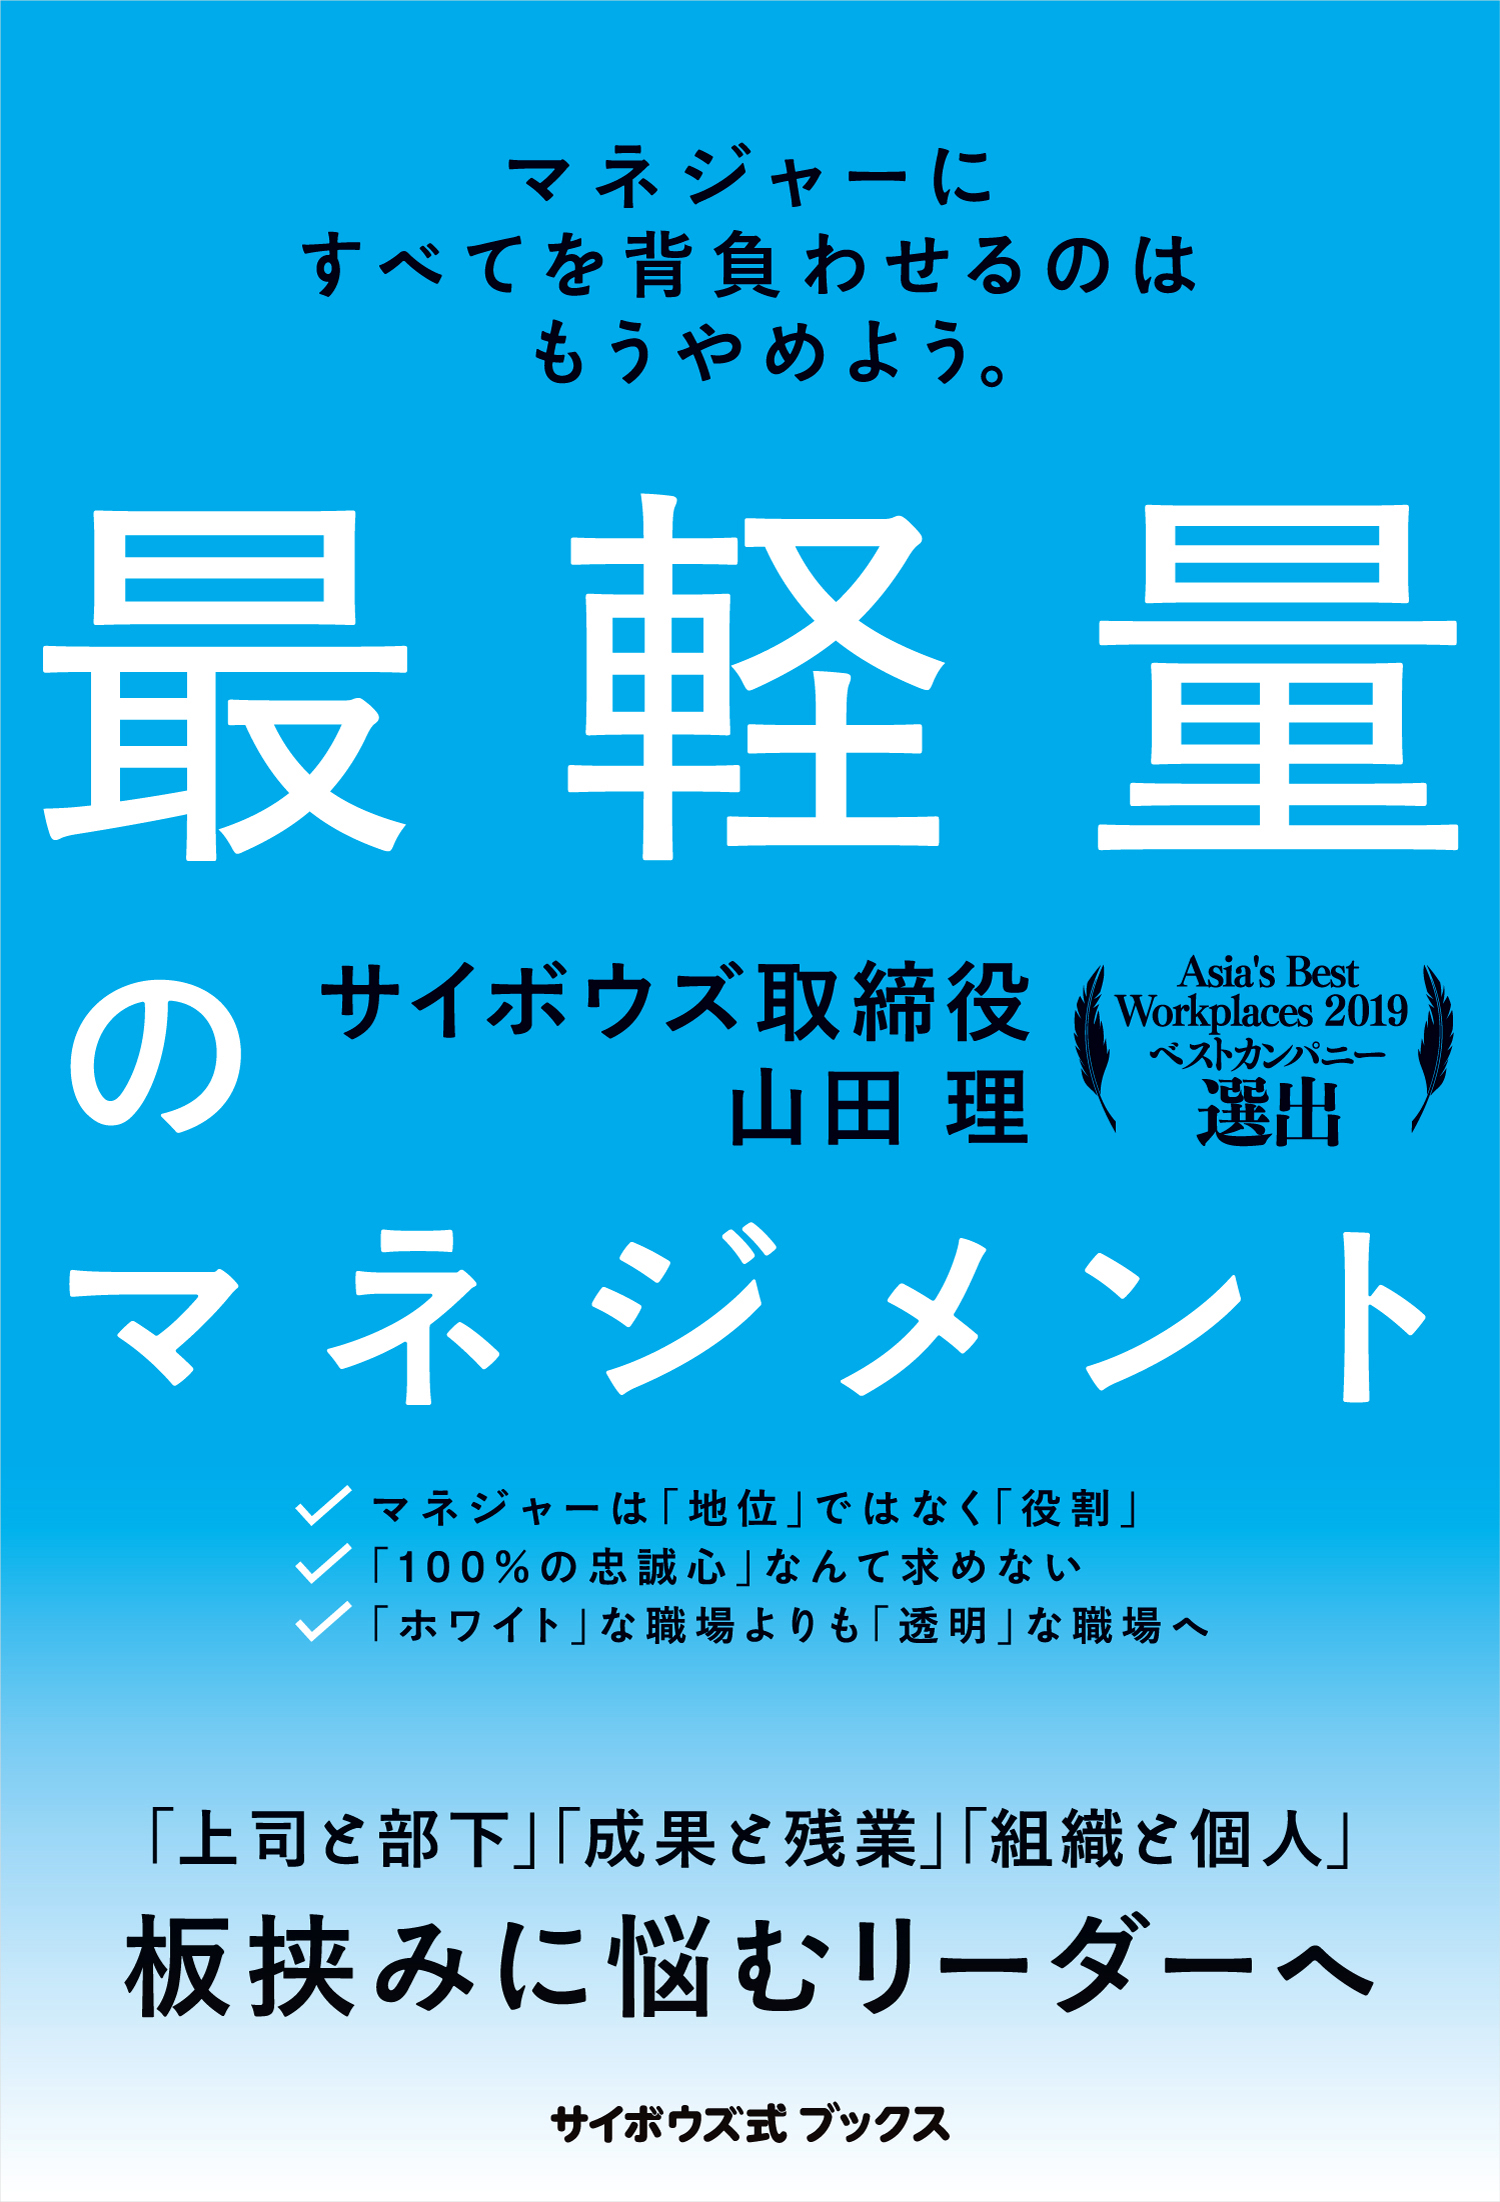 「重版決定!『最軽量のマネジメント』(サイボウズ式ブックス)」記事アイキャッチ画像